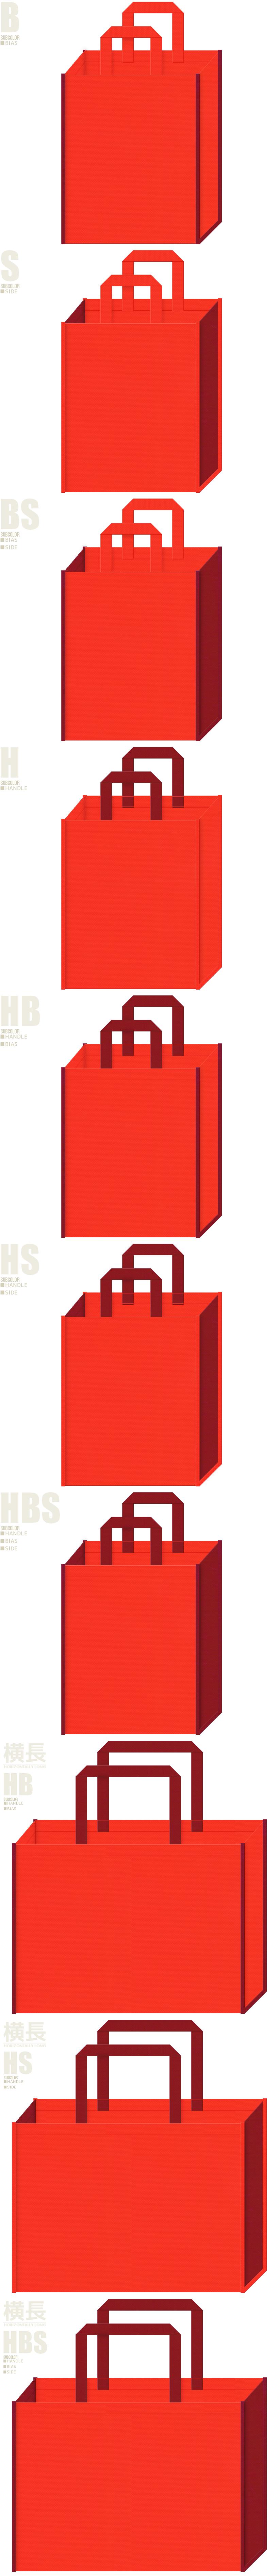 ユニフォーム・スポーツイベント・スポーツ用品の展示会用バッグにお奨めの不織布バッグデザイン:オレンジ色とエンジ色の配色7パターン